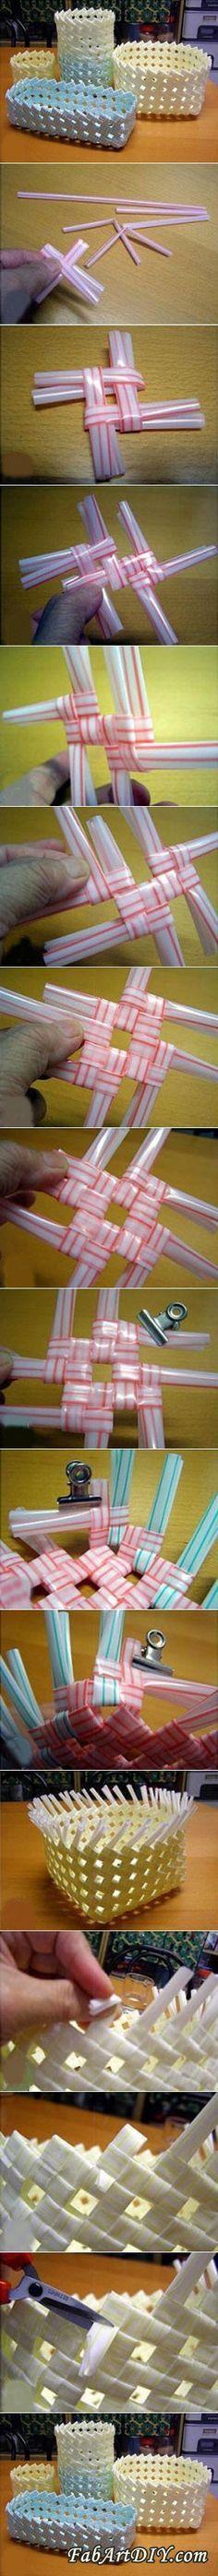 Cute idea! Fun way to recycle!